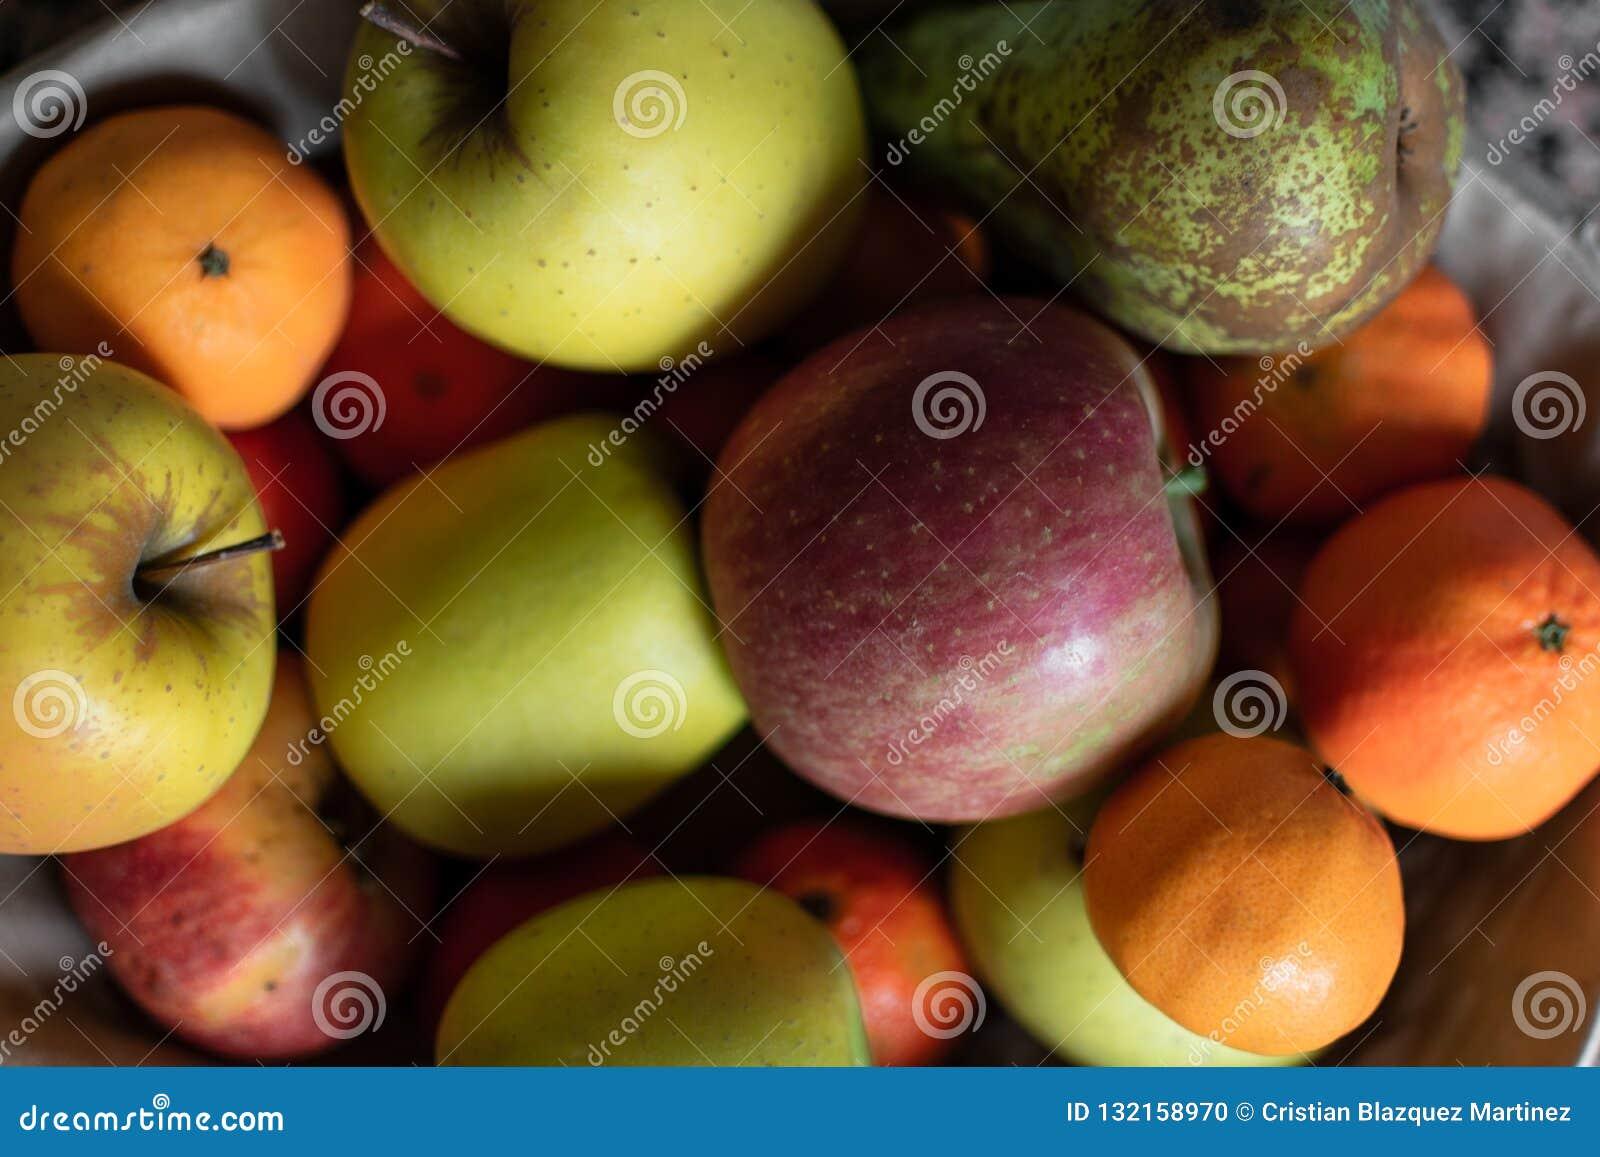 Καλάθι φρούτων σε μια κουζίνα